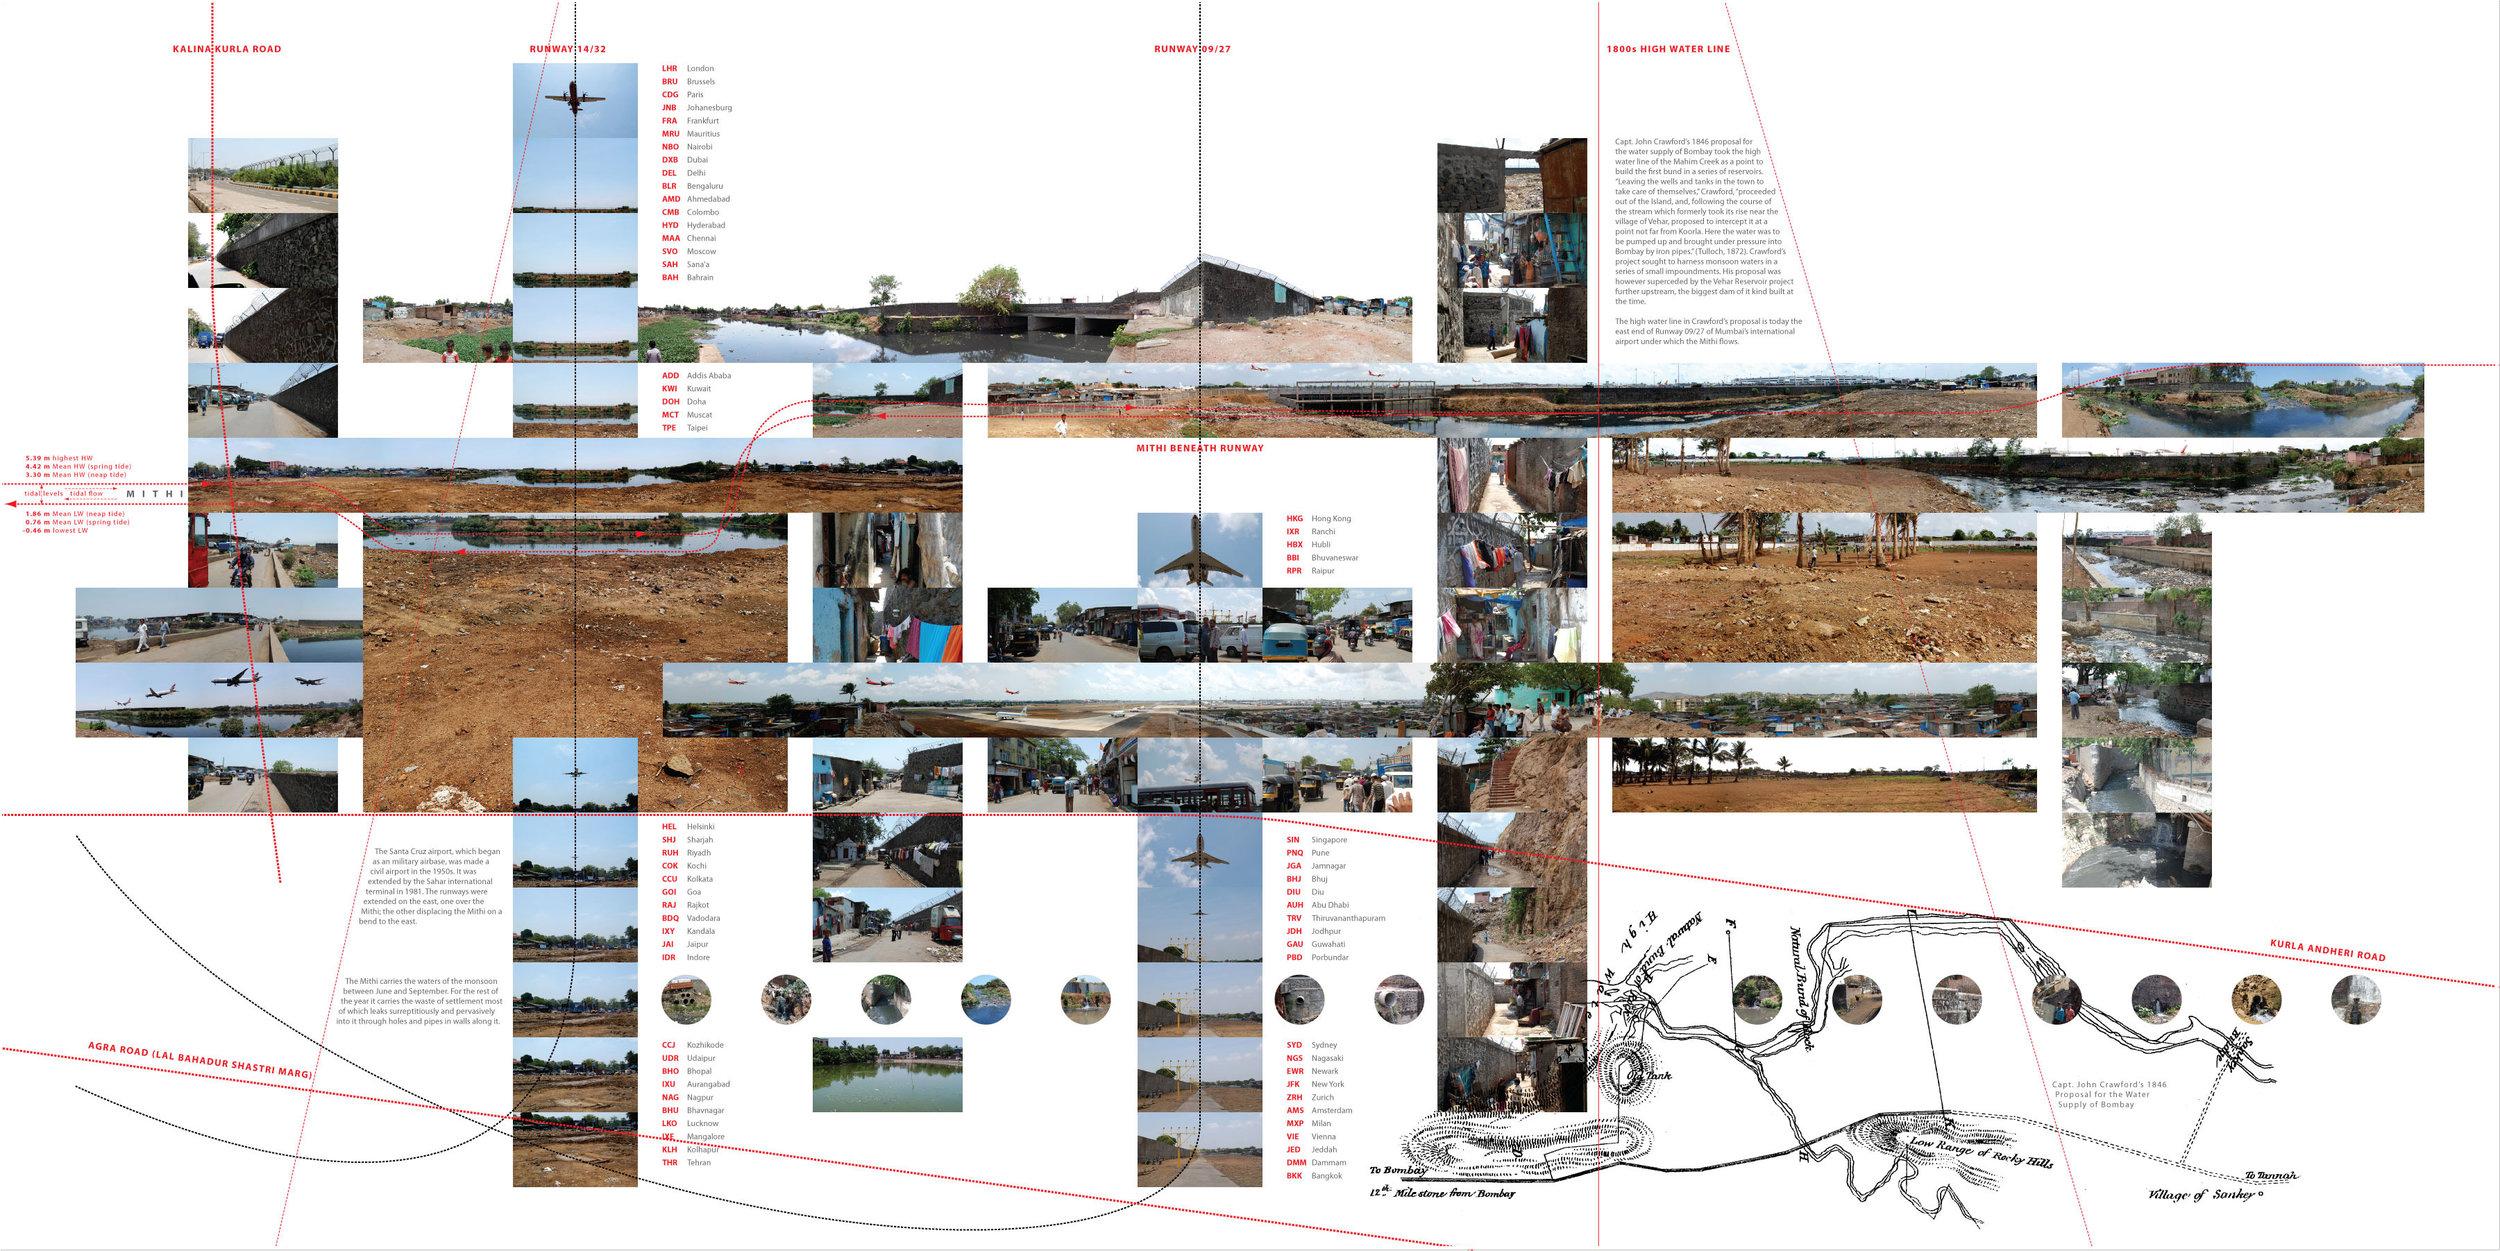 8A_airport-crossing-Photowalk.jpg